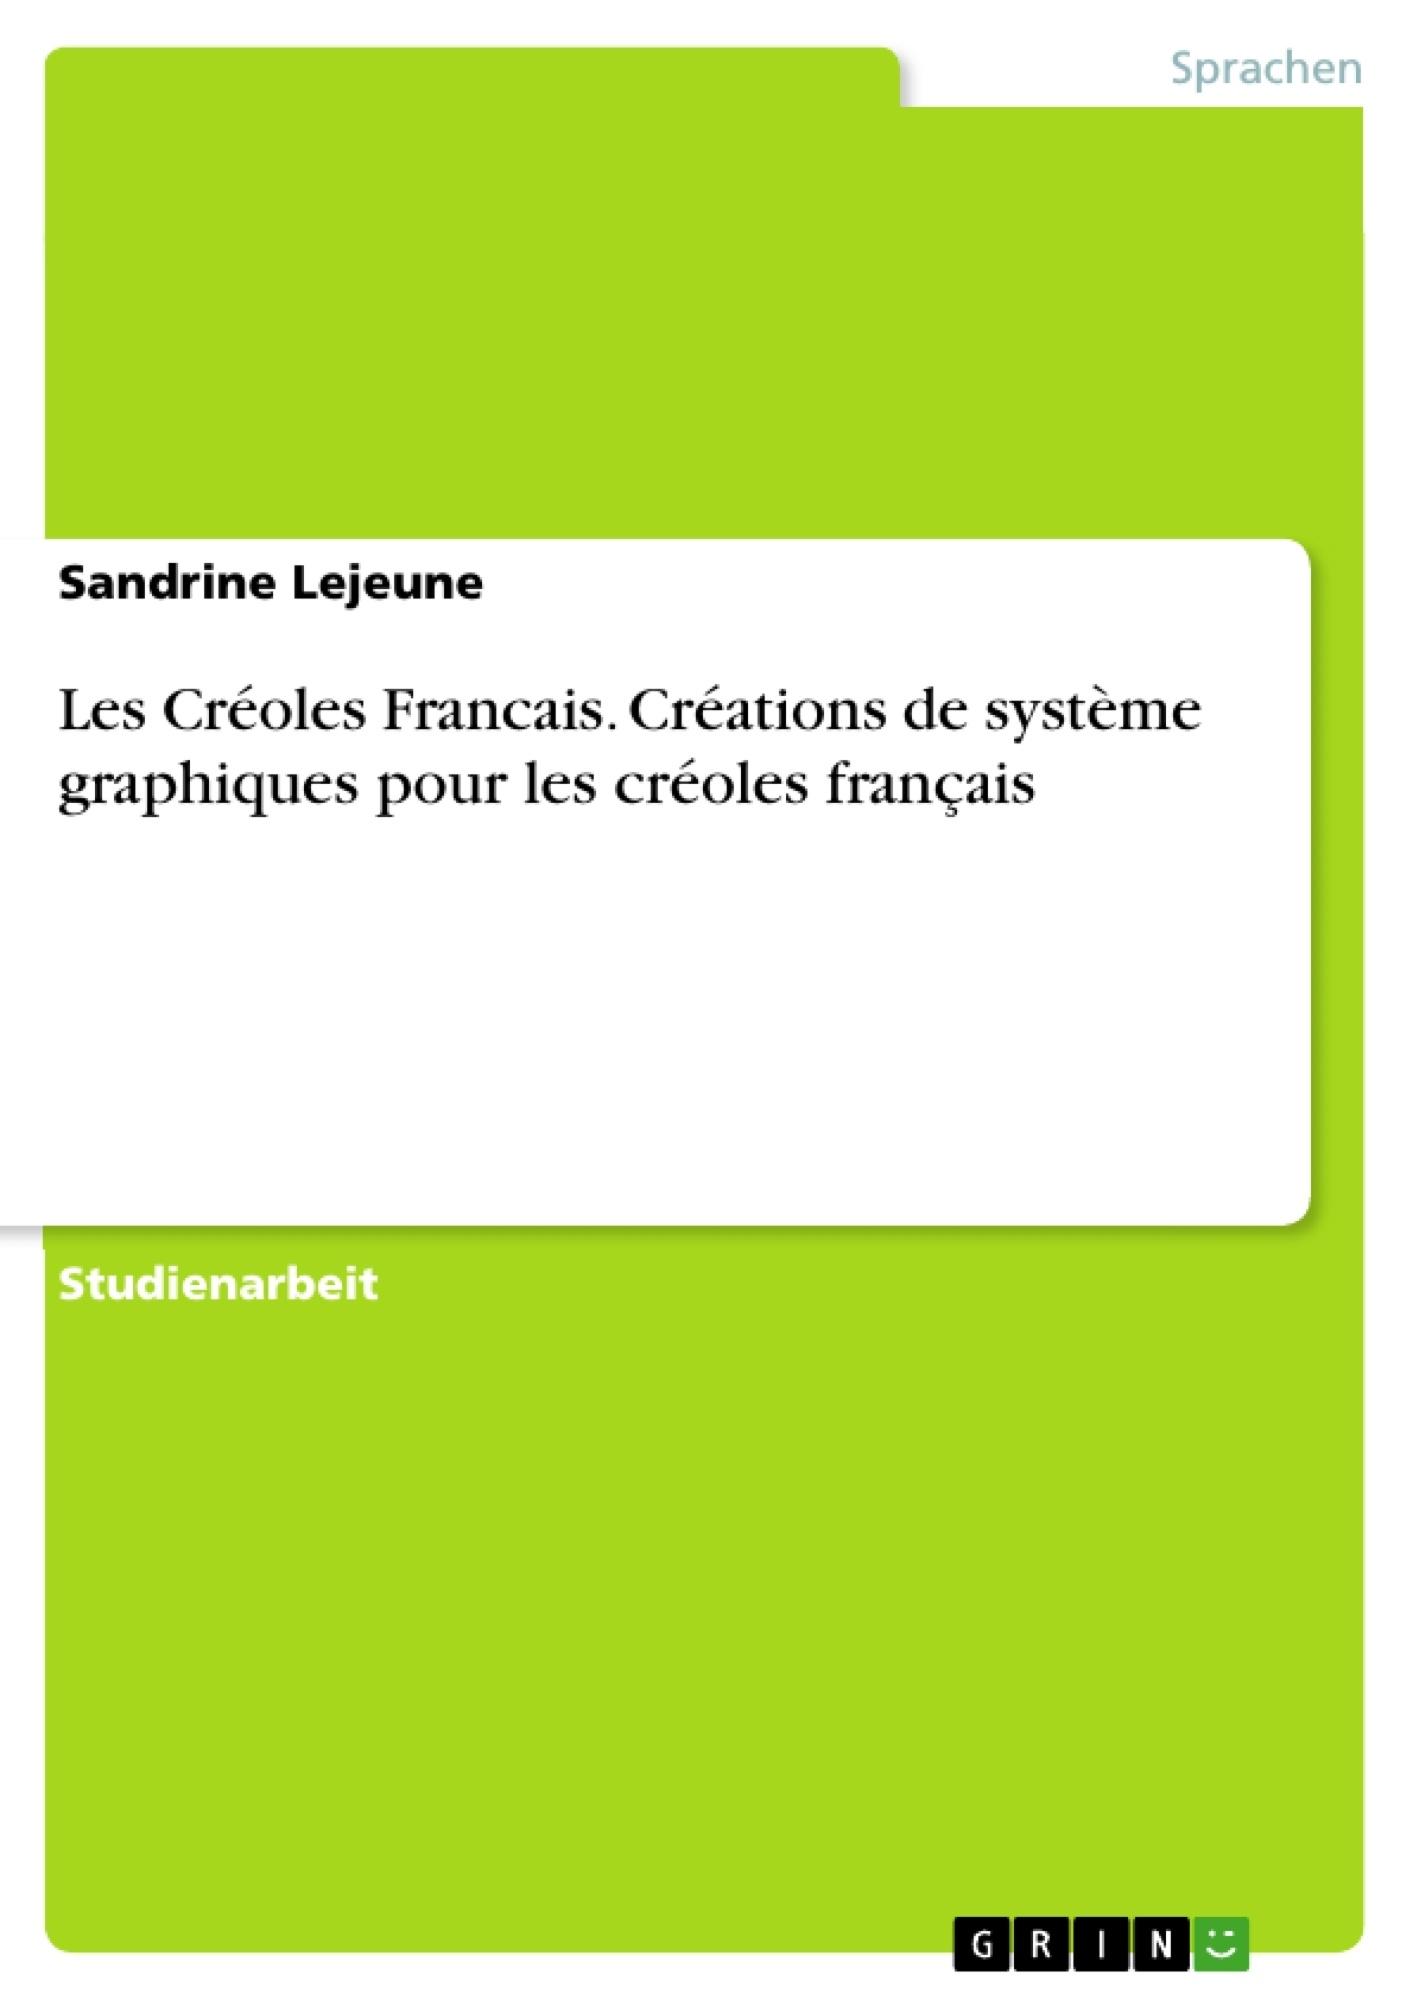 Titel: Les Créoles Francais. Créations de système graphiques pour les créoles français